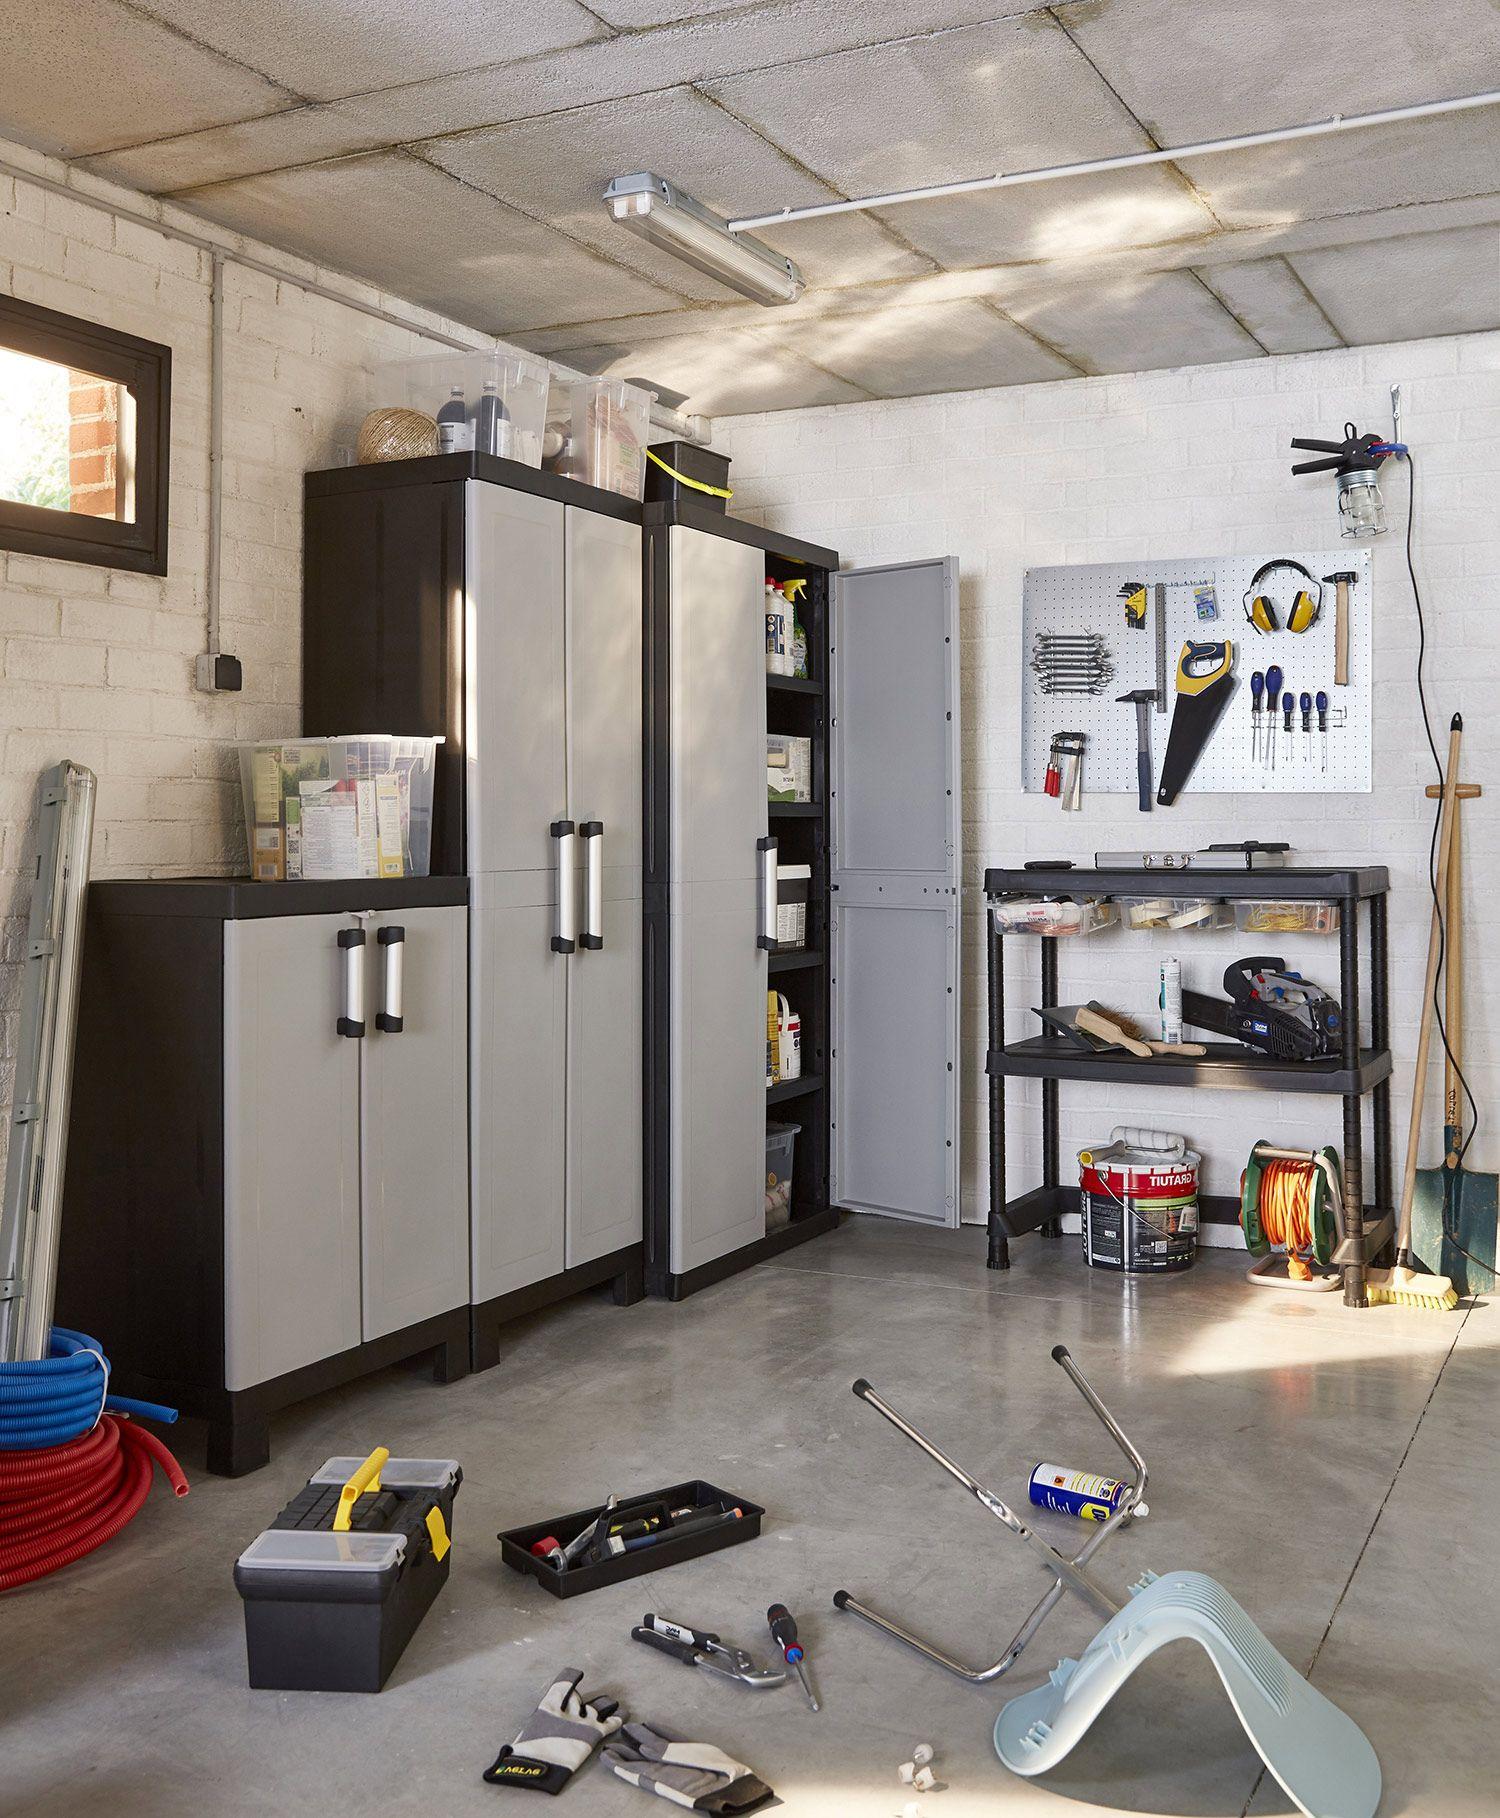 Un Garage Bien Organise Les Nouvelles Gammes De Rangements Utilitaires Links Et Major Vous Permet Amenagement Placard Placard Castorama Rangement Utilitaire